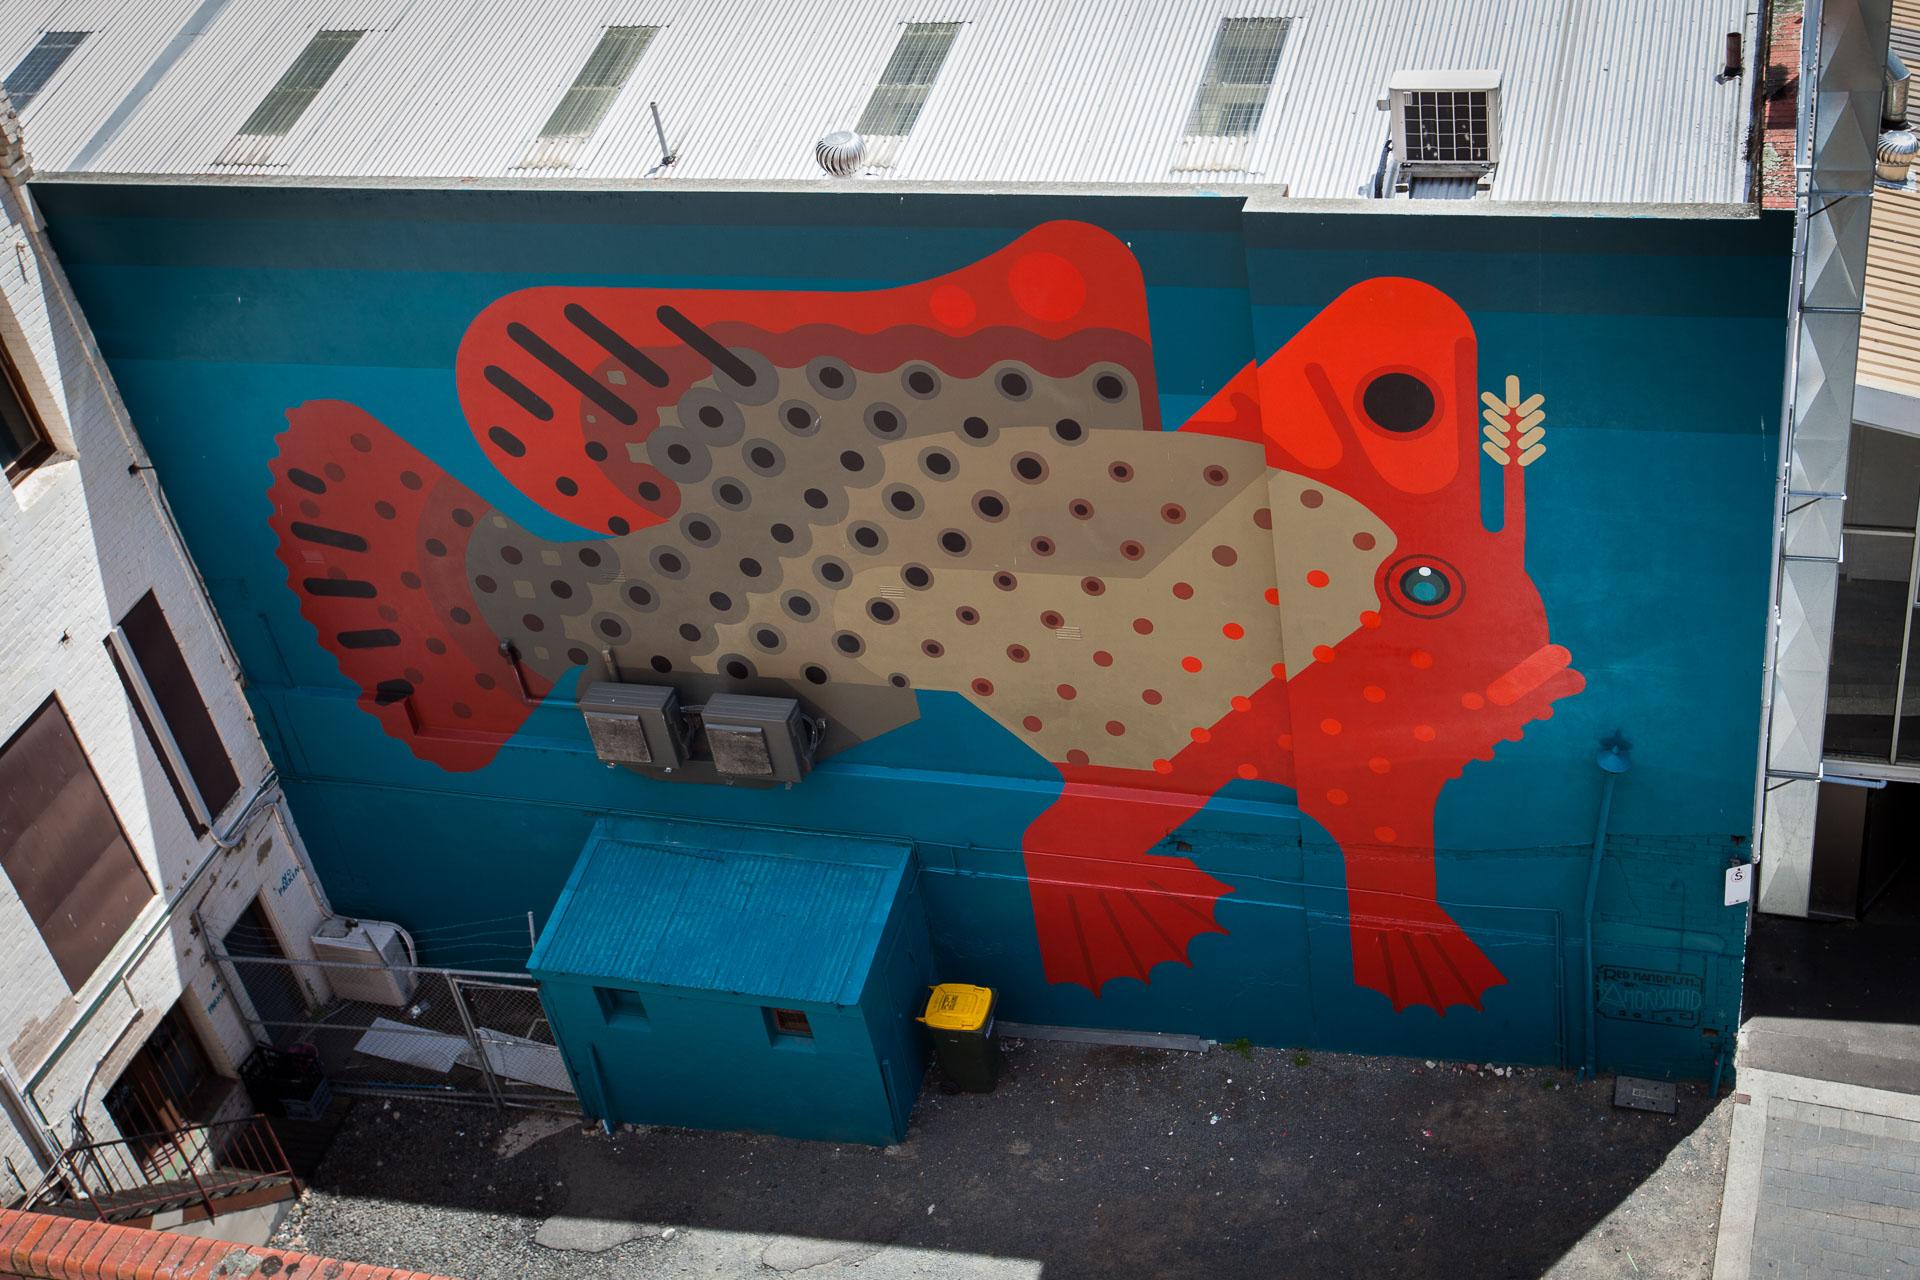 Hcc murals web 012